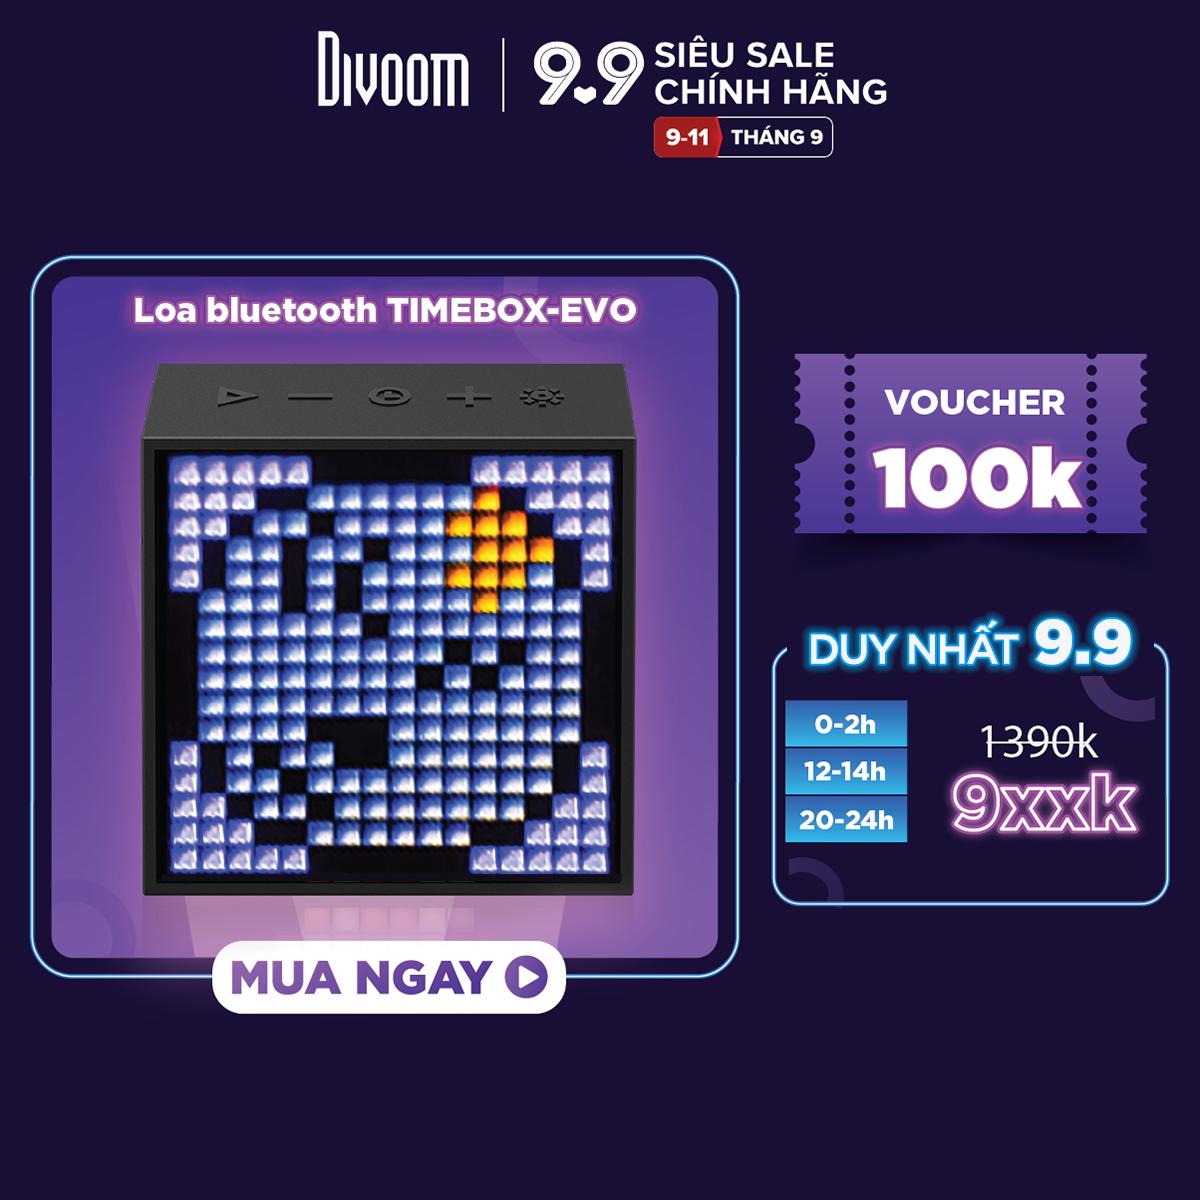 [SĂN VOUCHER 7%] Loa bluetooth thông minh Divoom Timebox-Evo, màn hình LED 256 Full RGB, đồng hồ báo thức, ghi âm